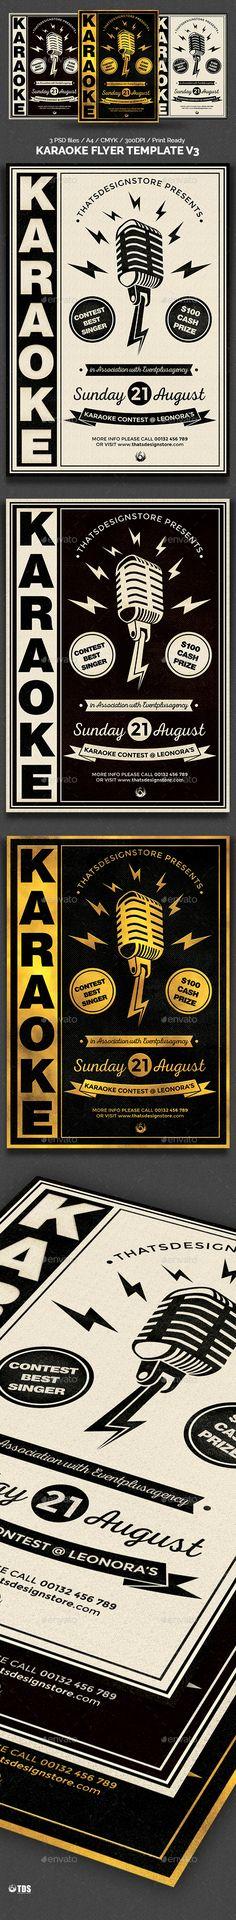 Karaoke Night Karaoke Flyer Template And Fonts